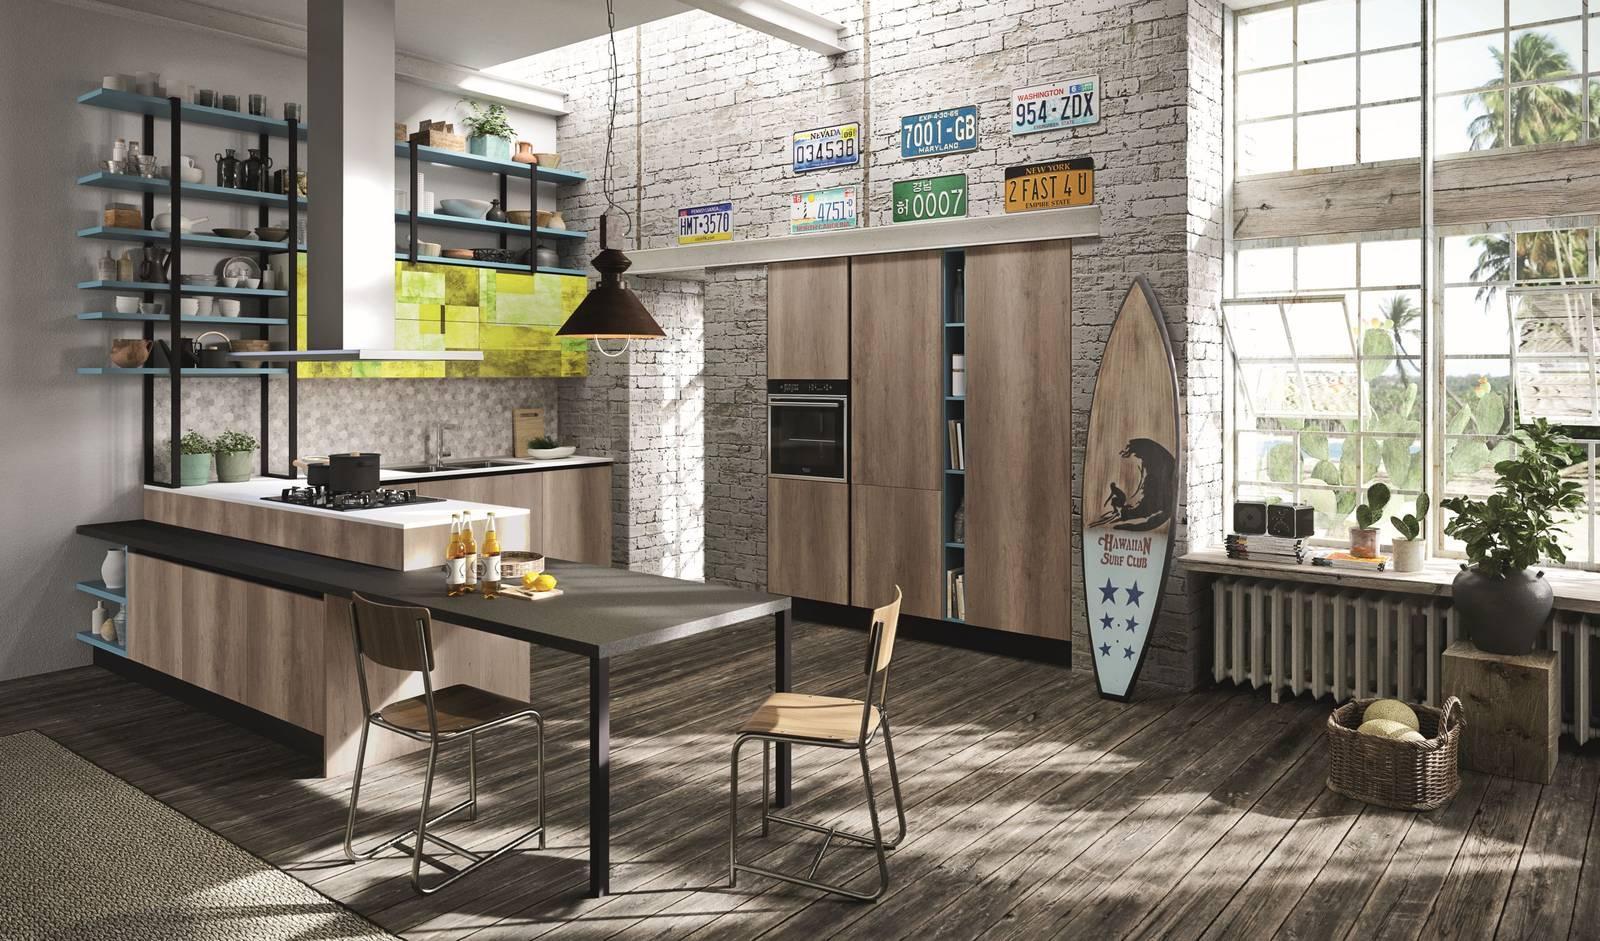 Cucine Effetto Legno Moderne Buona Resa Estetica E Prezzo Inferiore Cose Di Casa